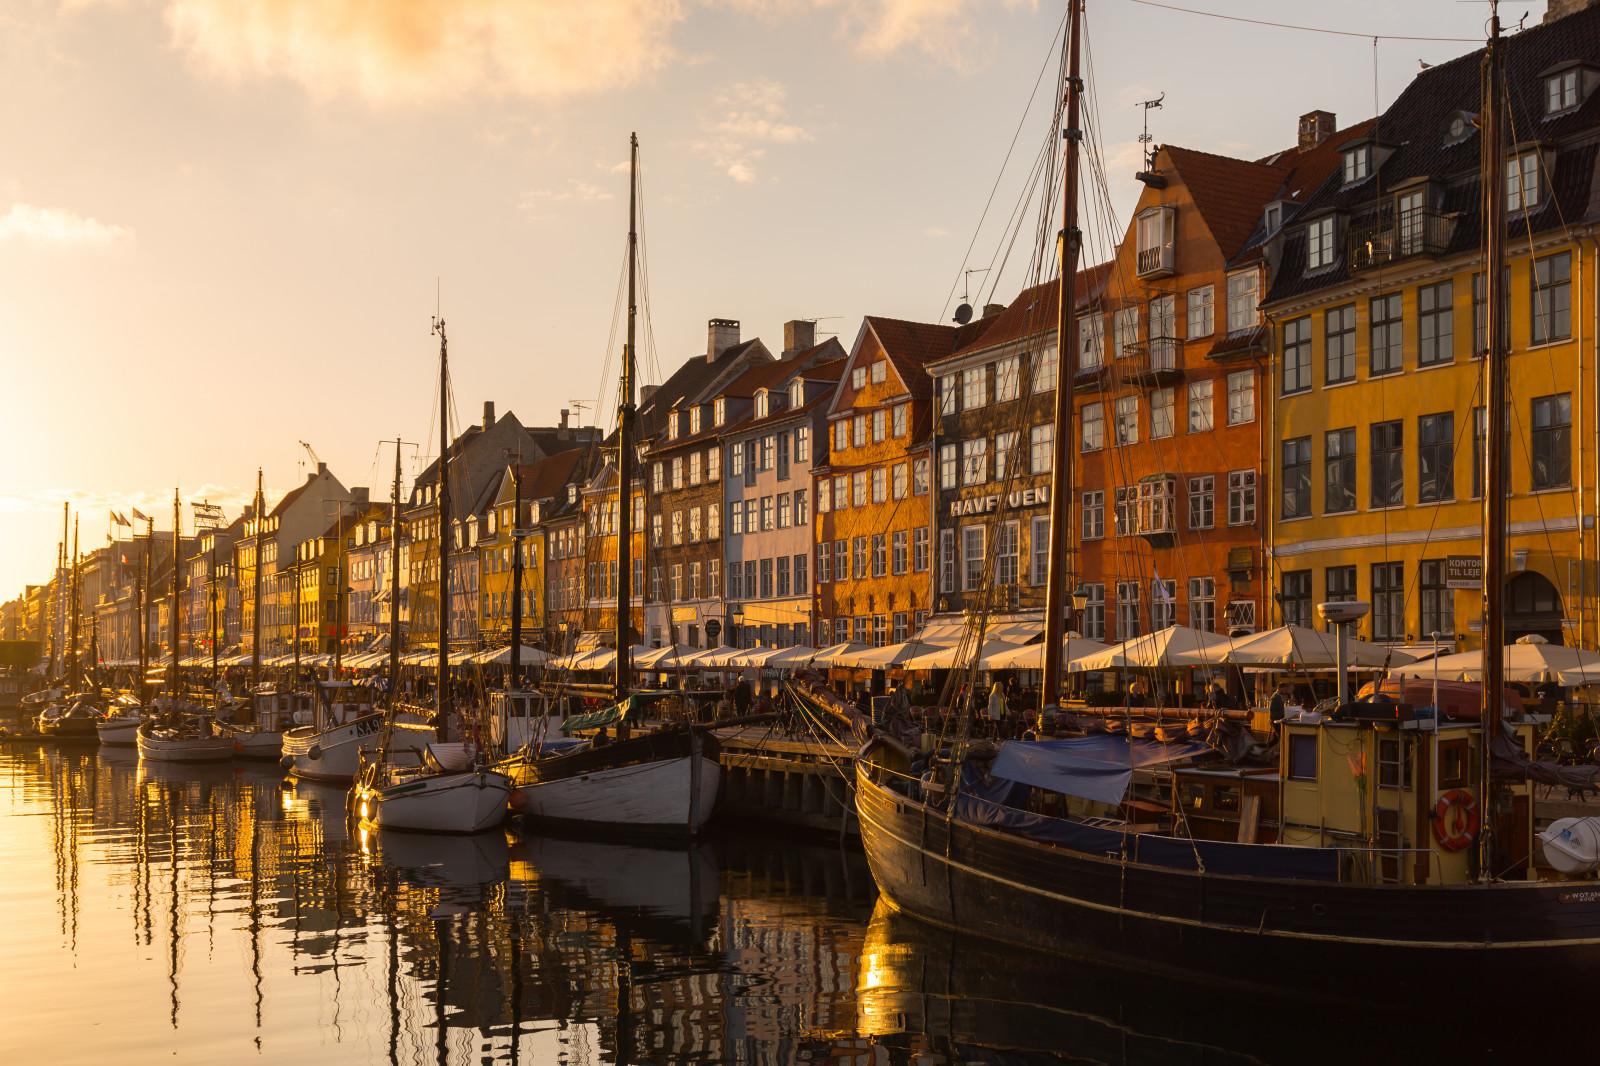 Wallpaper old houses sunset water canon copenhagen denmark boats evening nyhavn - Copenhagen wallpaper ...